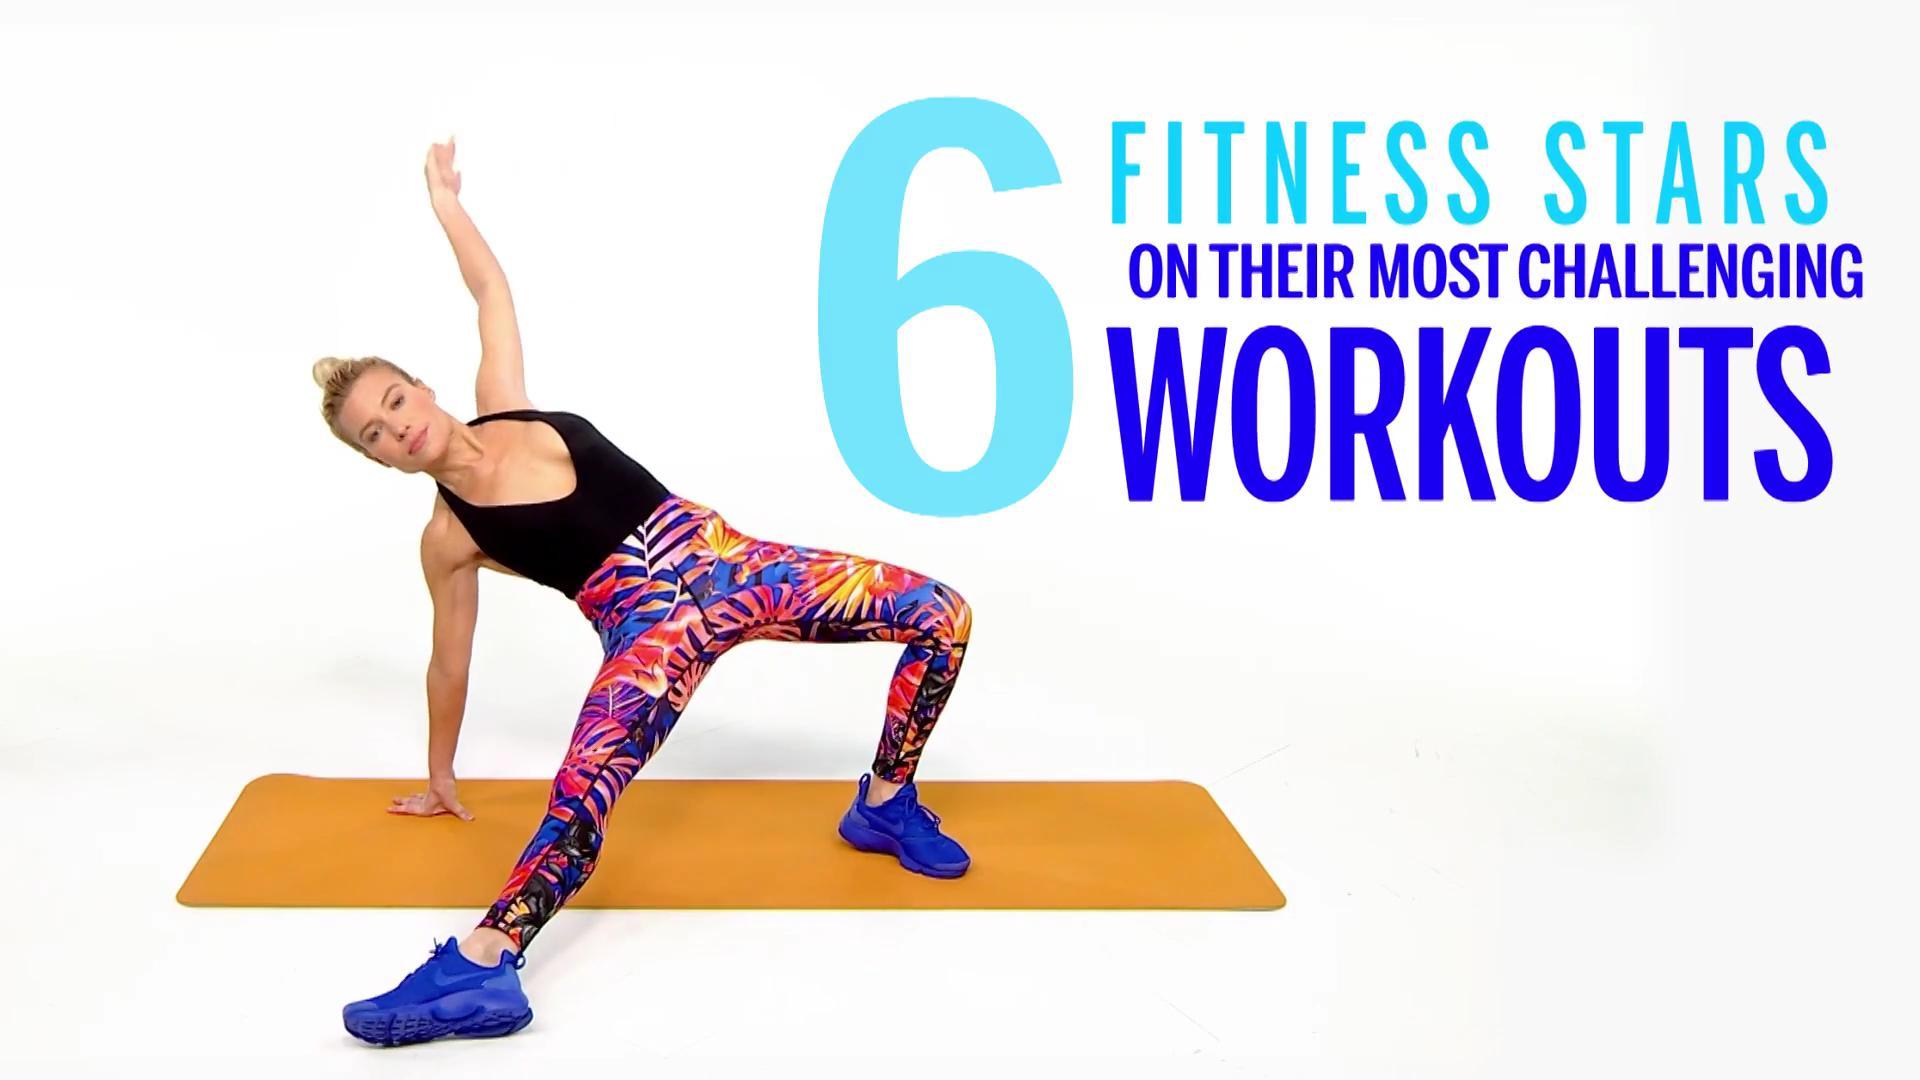 Their hardest workout...